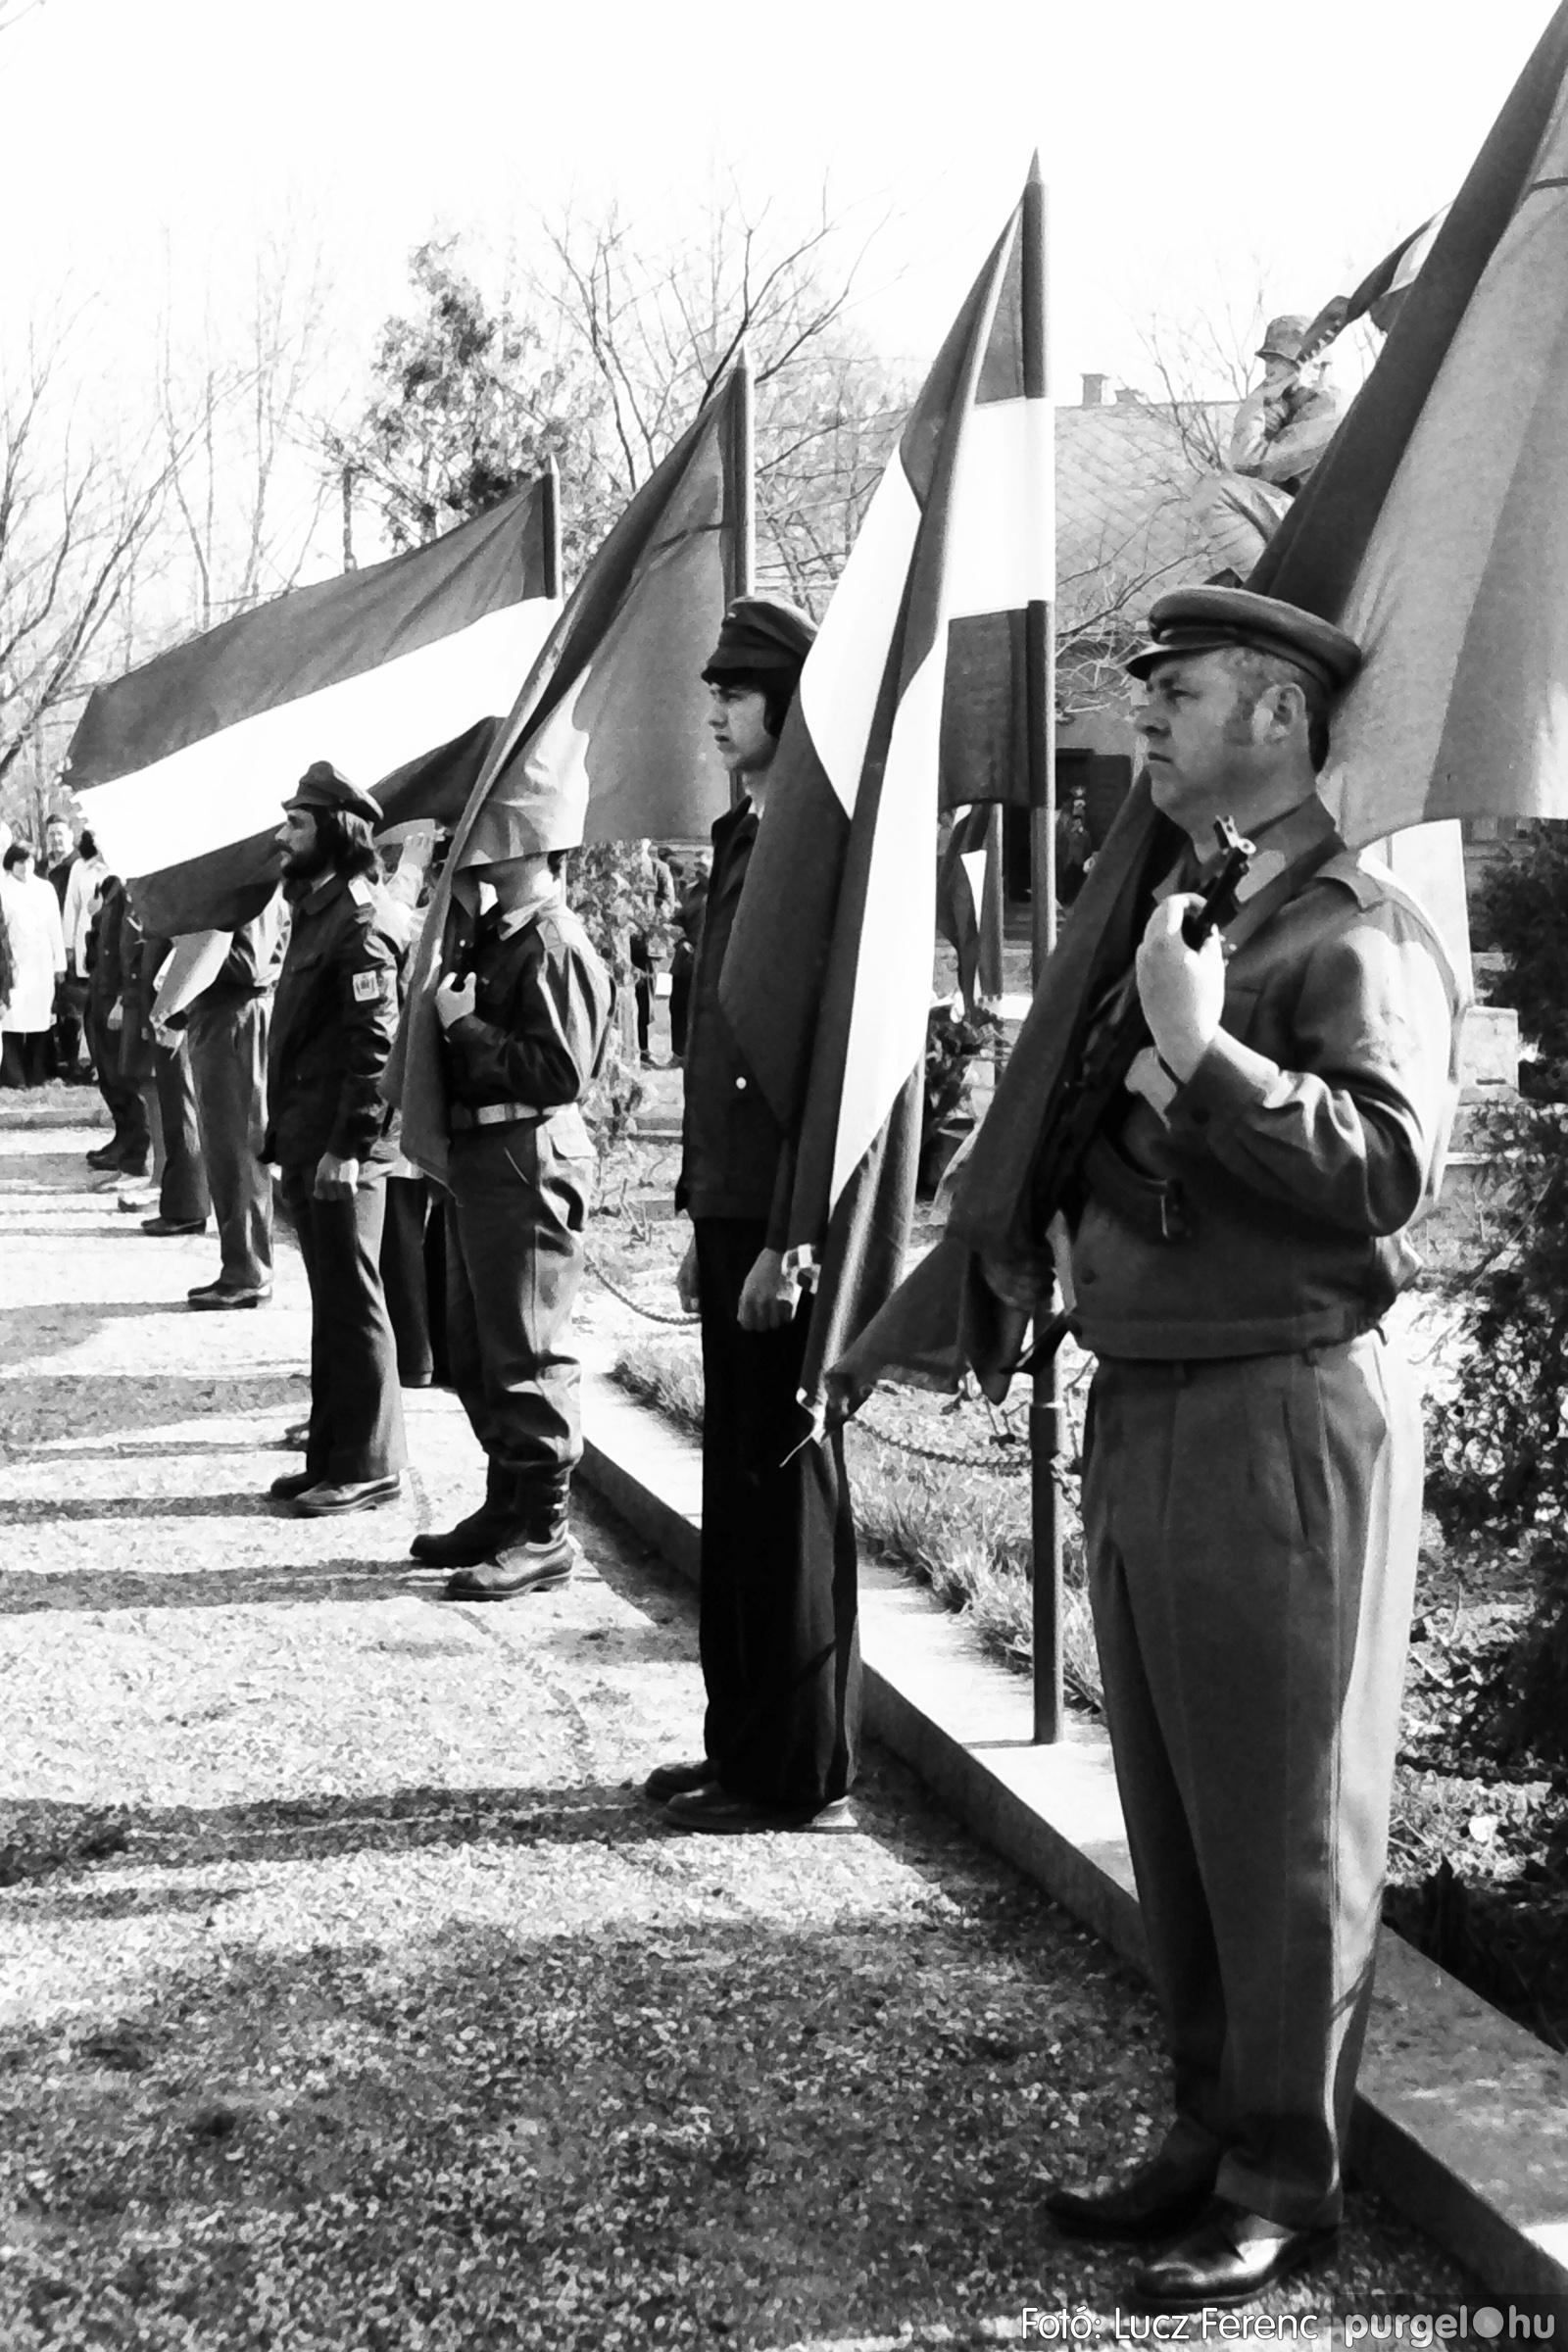 040. 1976.04.04. Április 4-i ünnepség 018. - Fotó: Lucz Ferenc - IMG00233q.jpg